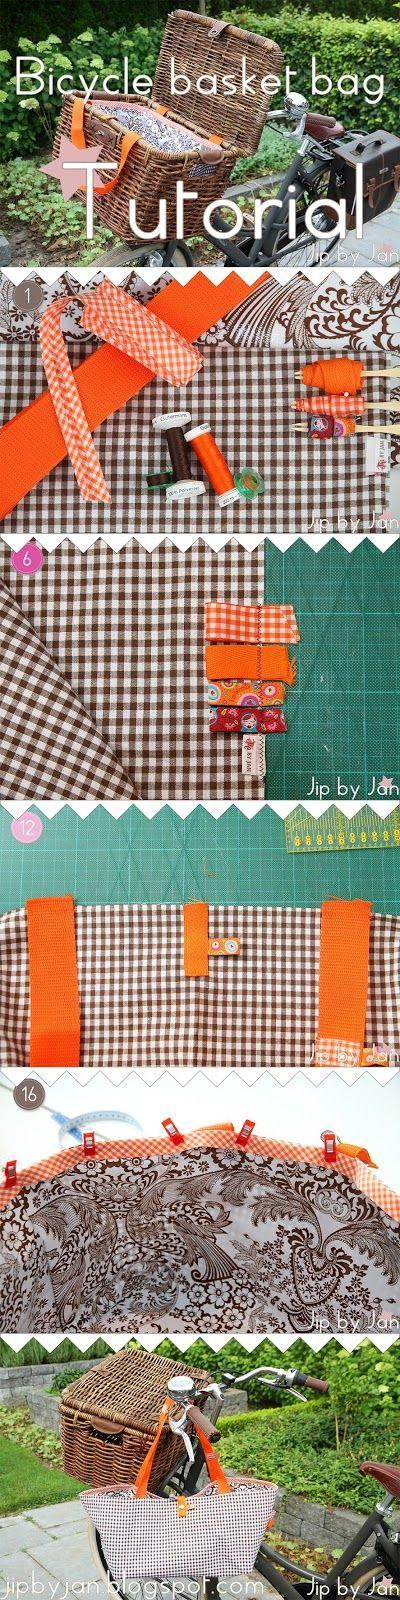 Tutorial How to sew a bag for your bicycle basket Jip by Jan #Sewing #Oilcloth #DIY Naai zelf een tas van zeil en stof voor je fietsmand of -krat aan de hand van deze Jip by Jan tutorial.